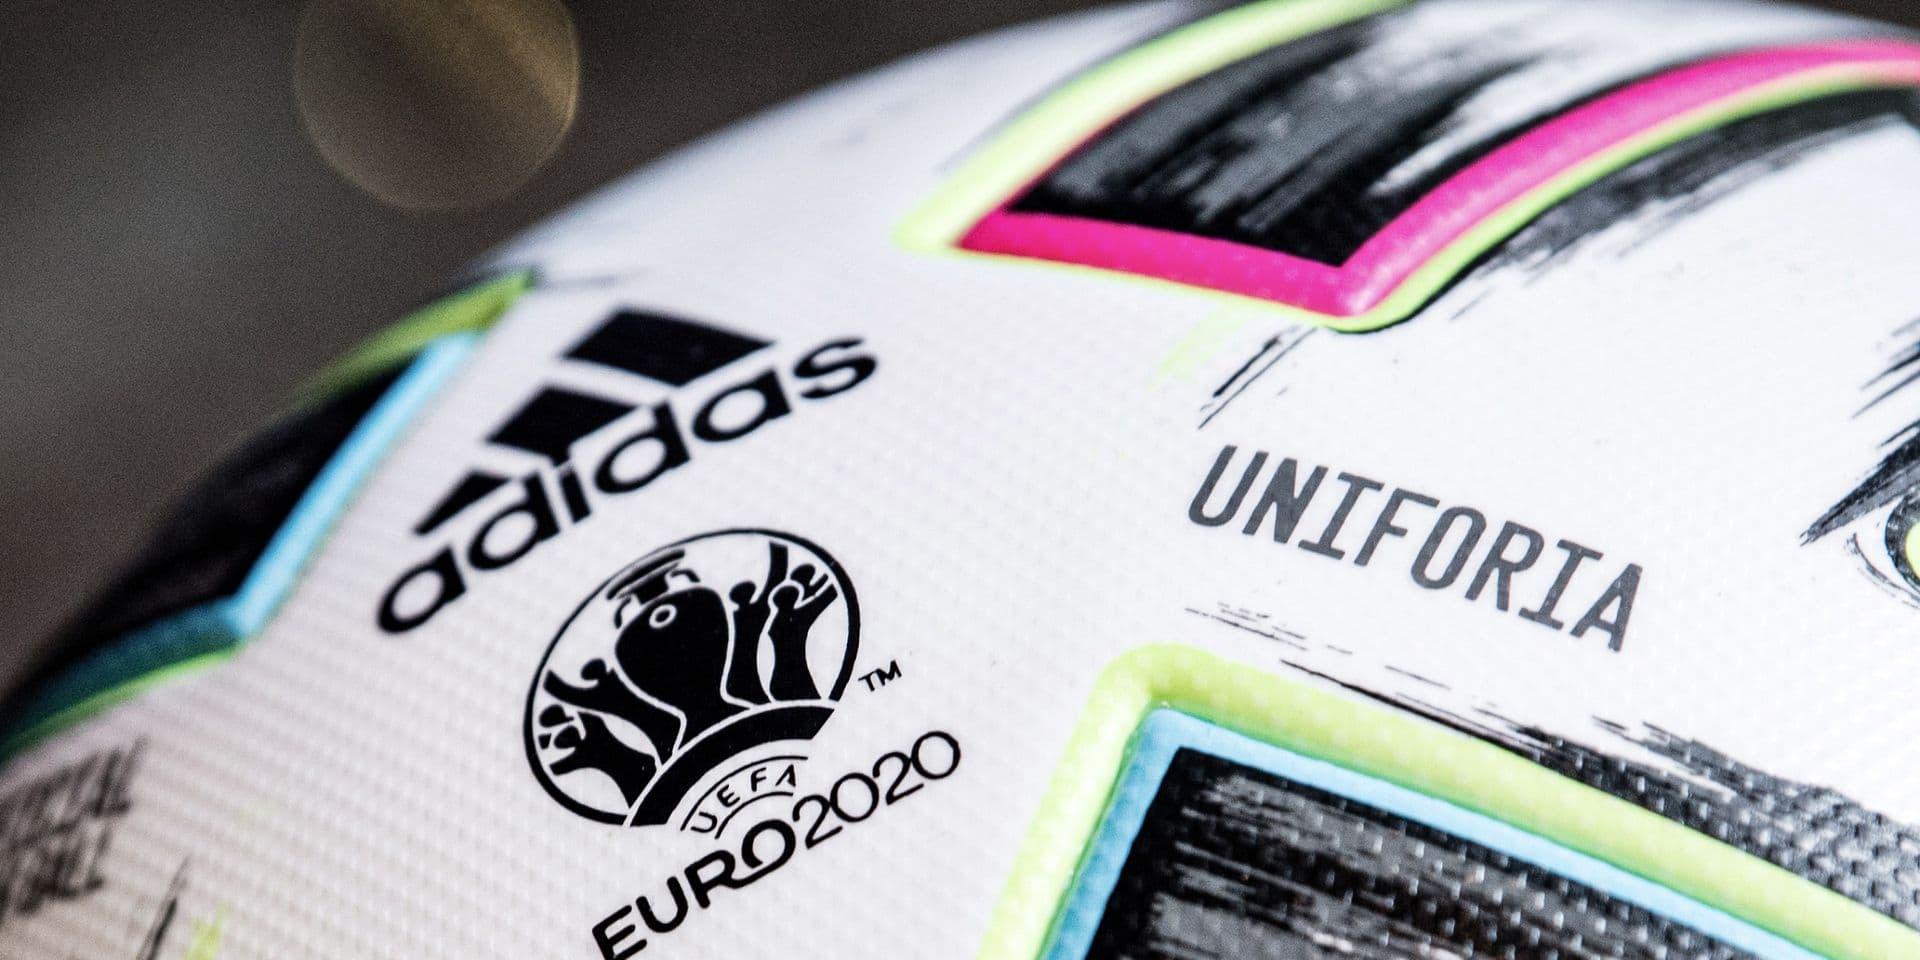 Billets des matchs, hôtels, vols d'avions... L'UEFA répond à vos questions!